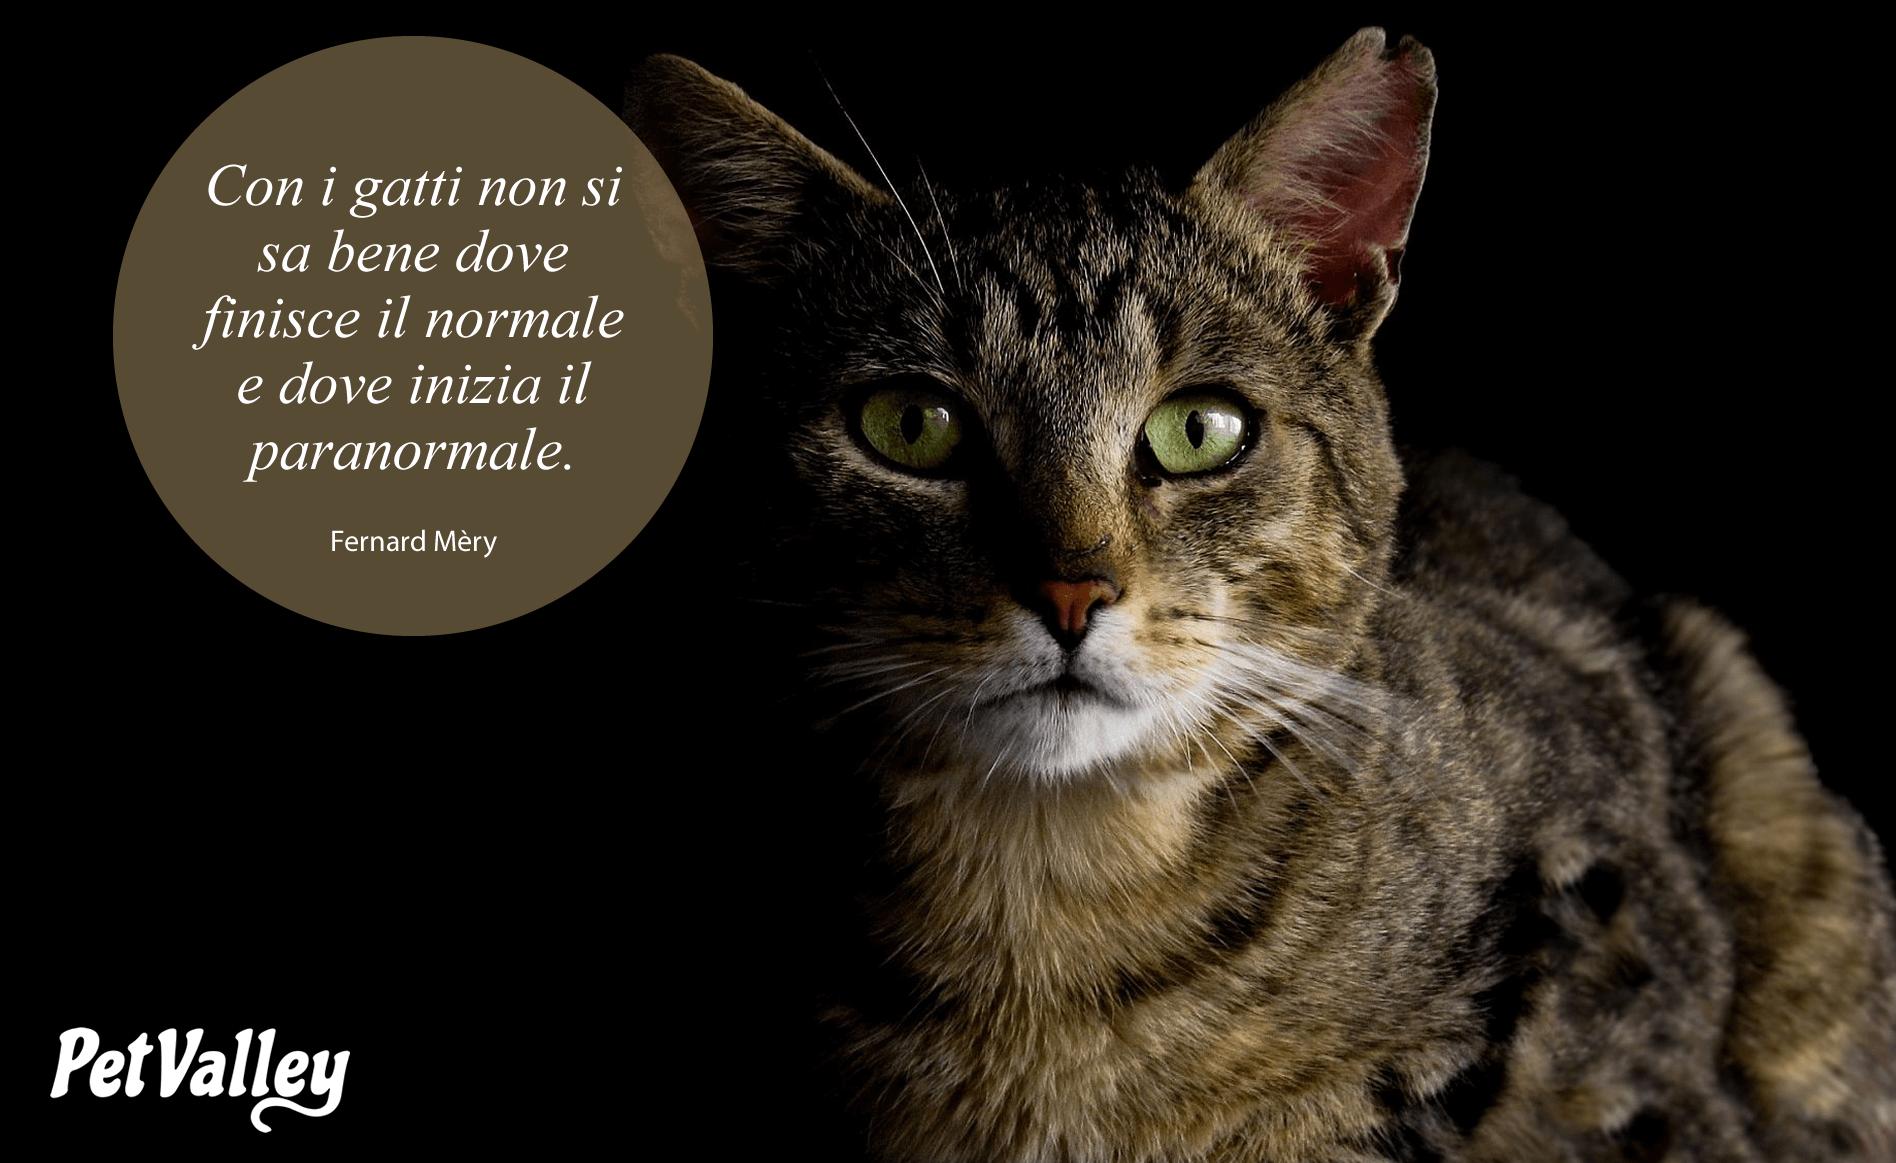 Con i gatti non si sa bene dove finisce il normale e